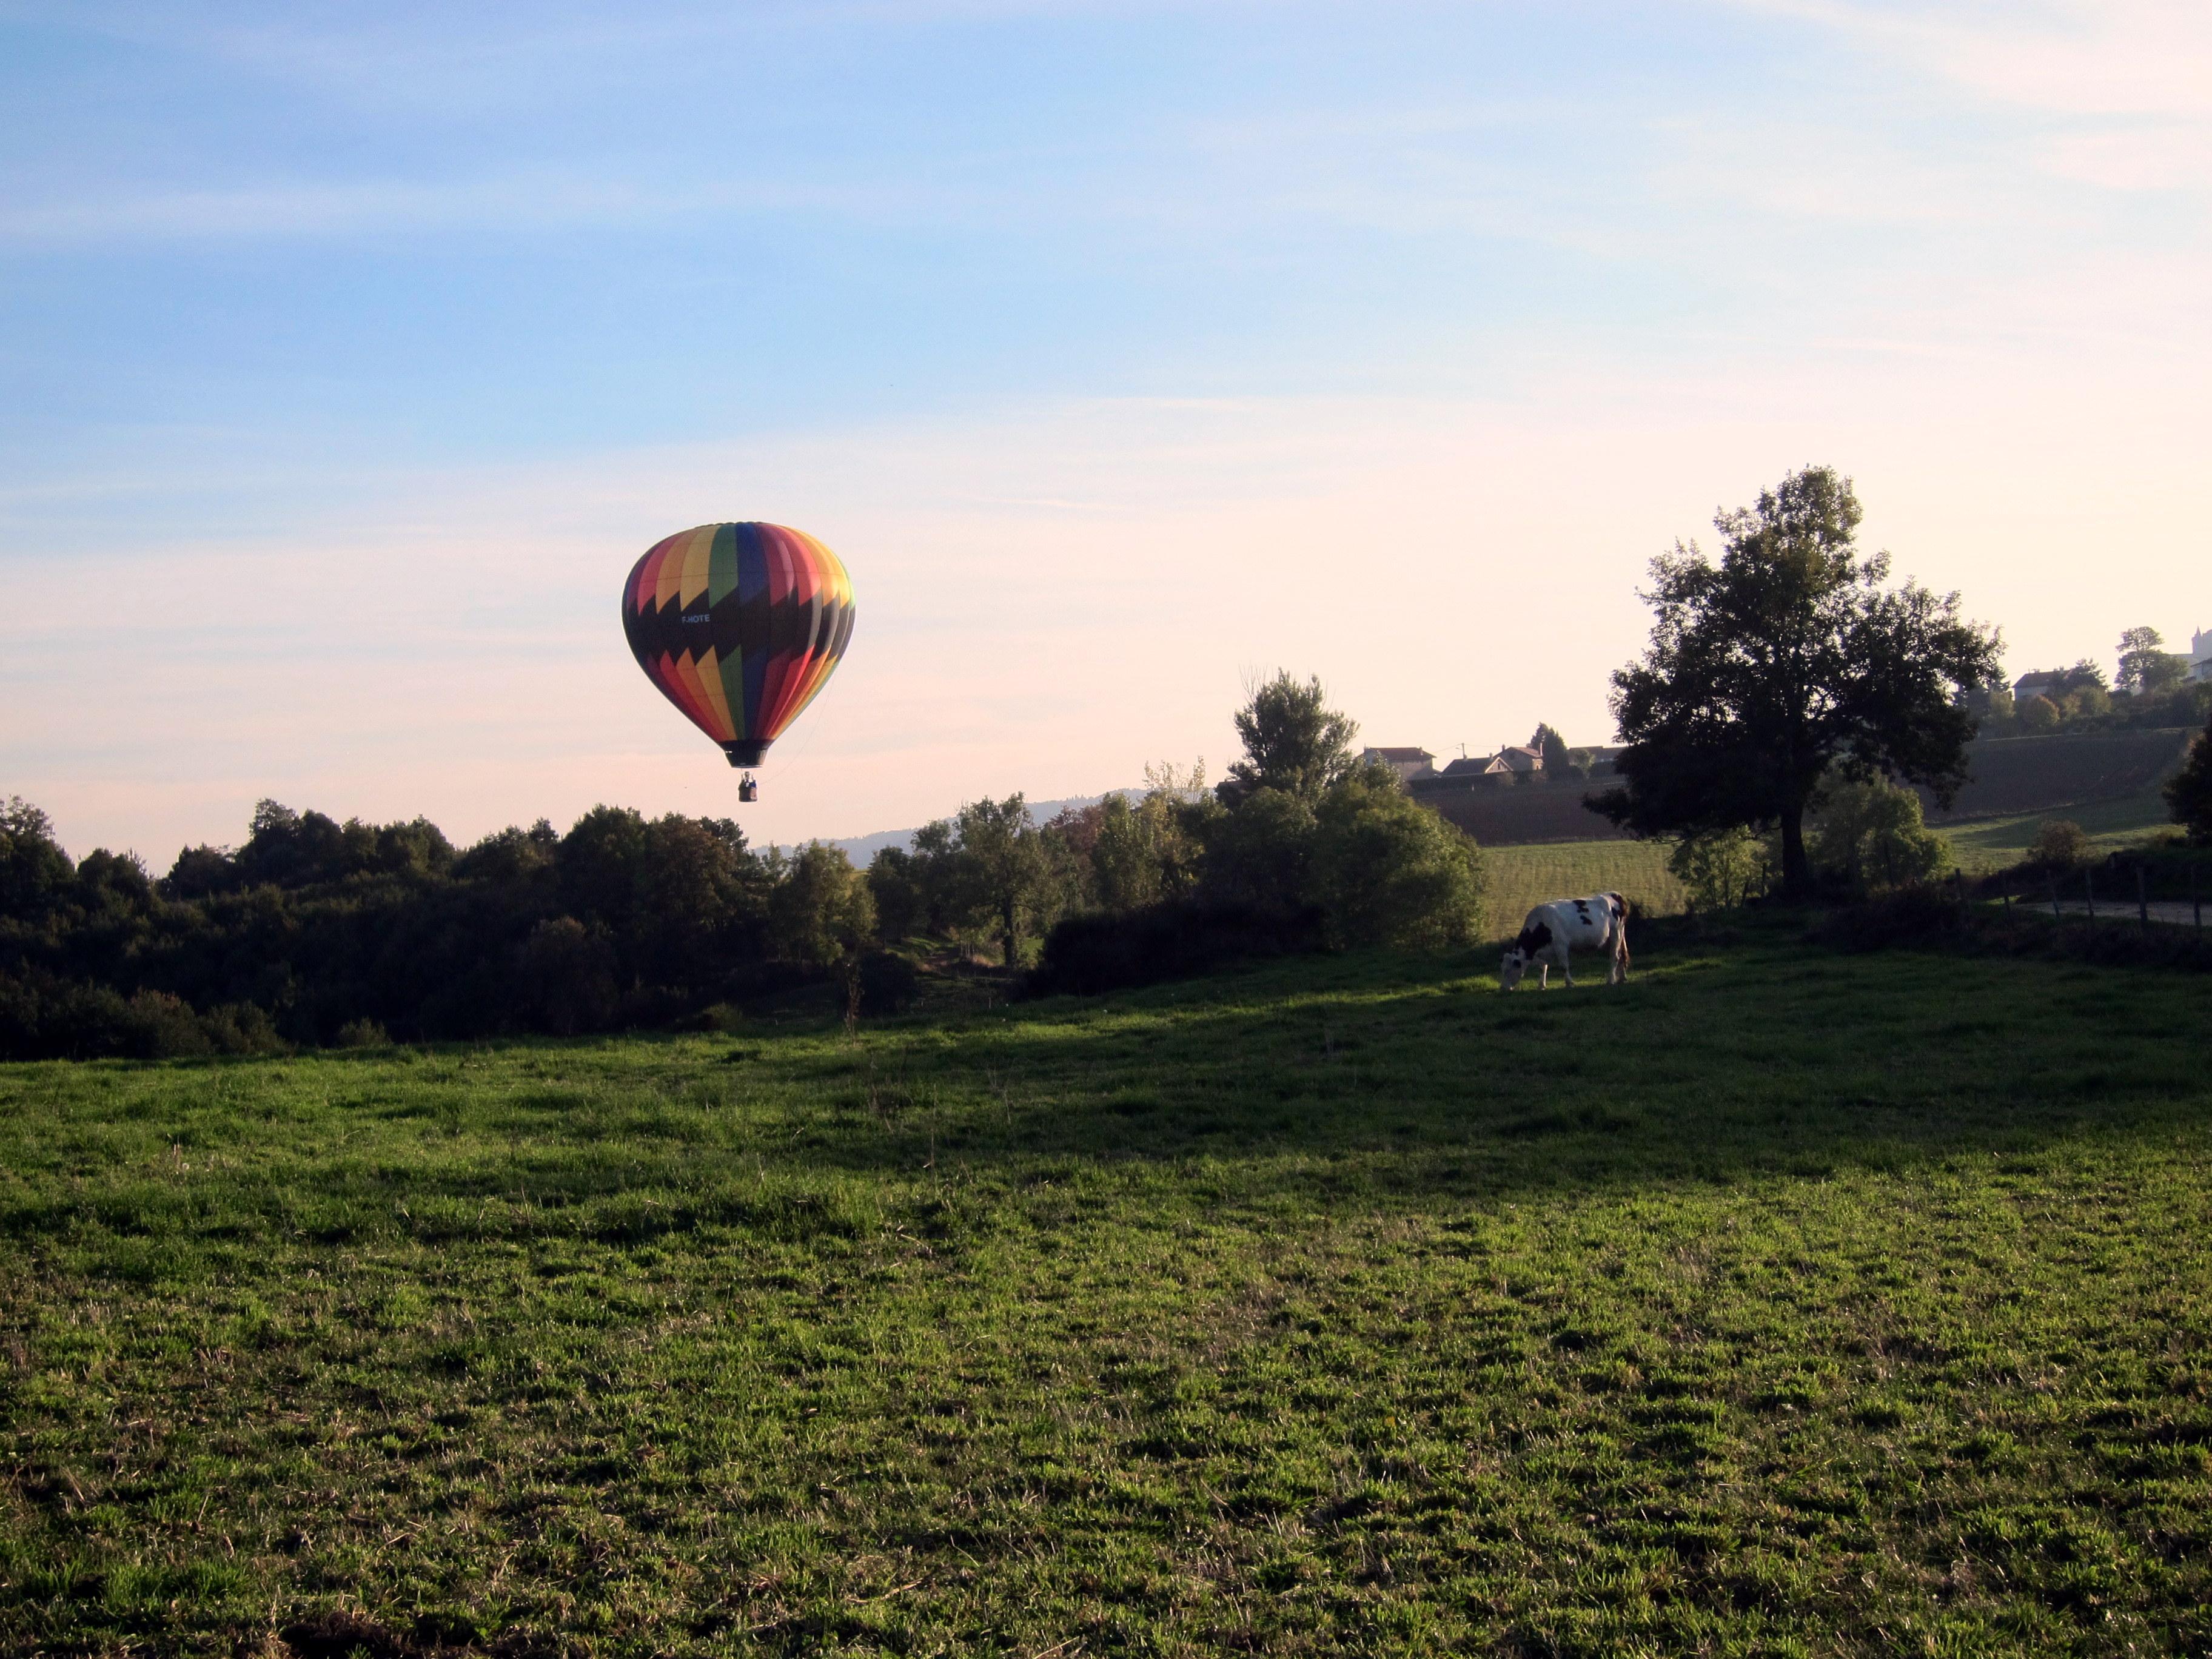 Survol en montgolfiere des prairies proche de lyon